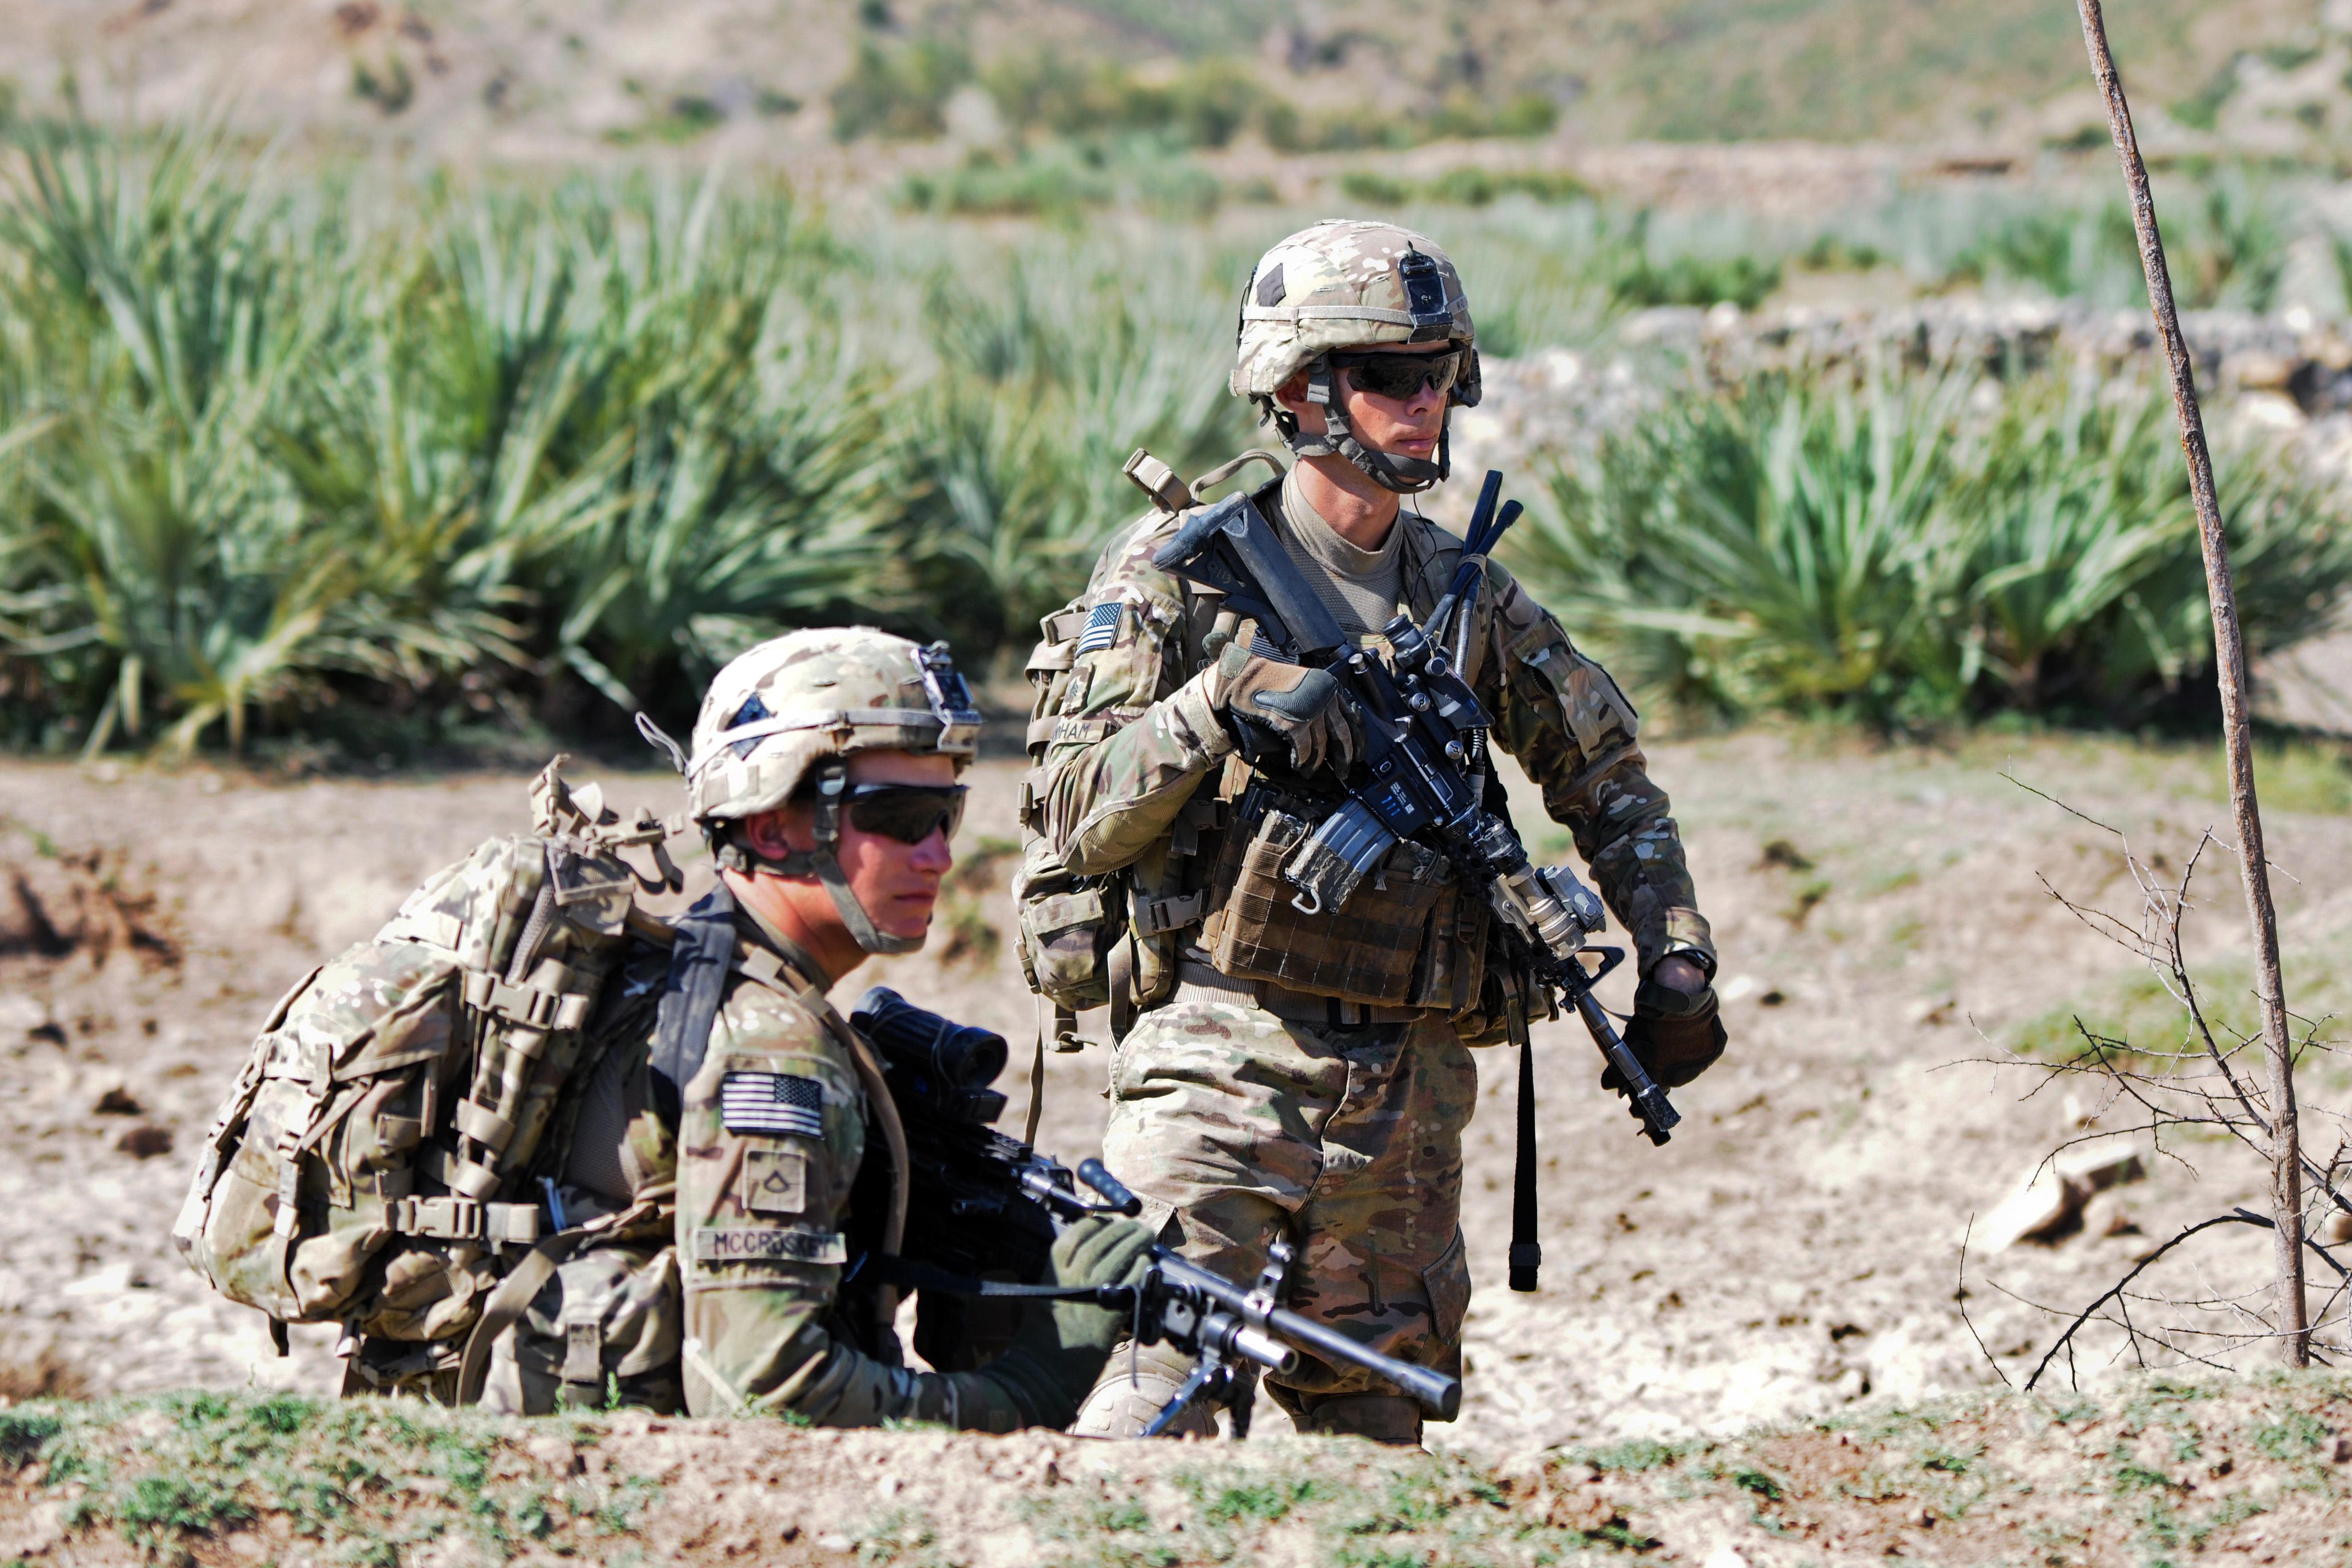 file defense gov photo essay a e jpg file defense gov photo essay 120602 a 8536e 380 jpg